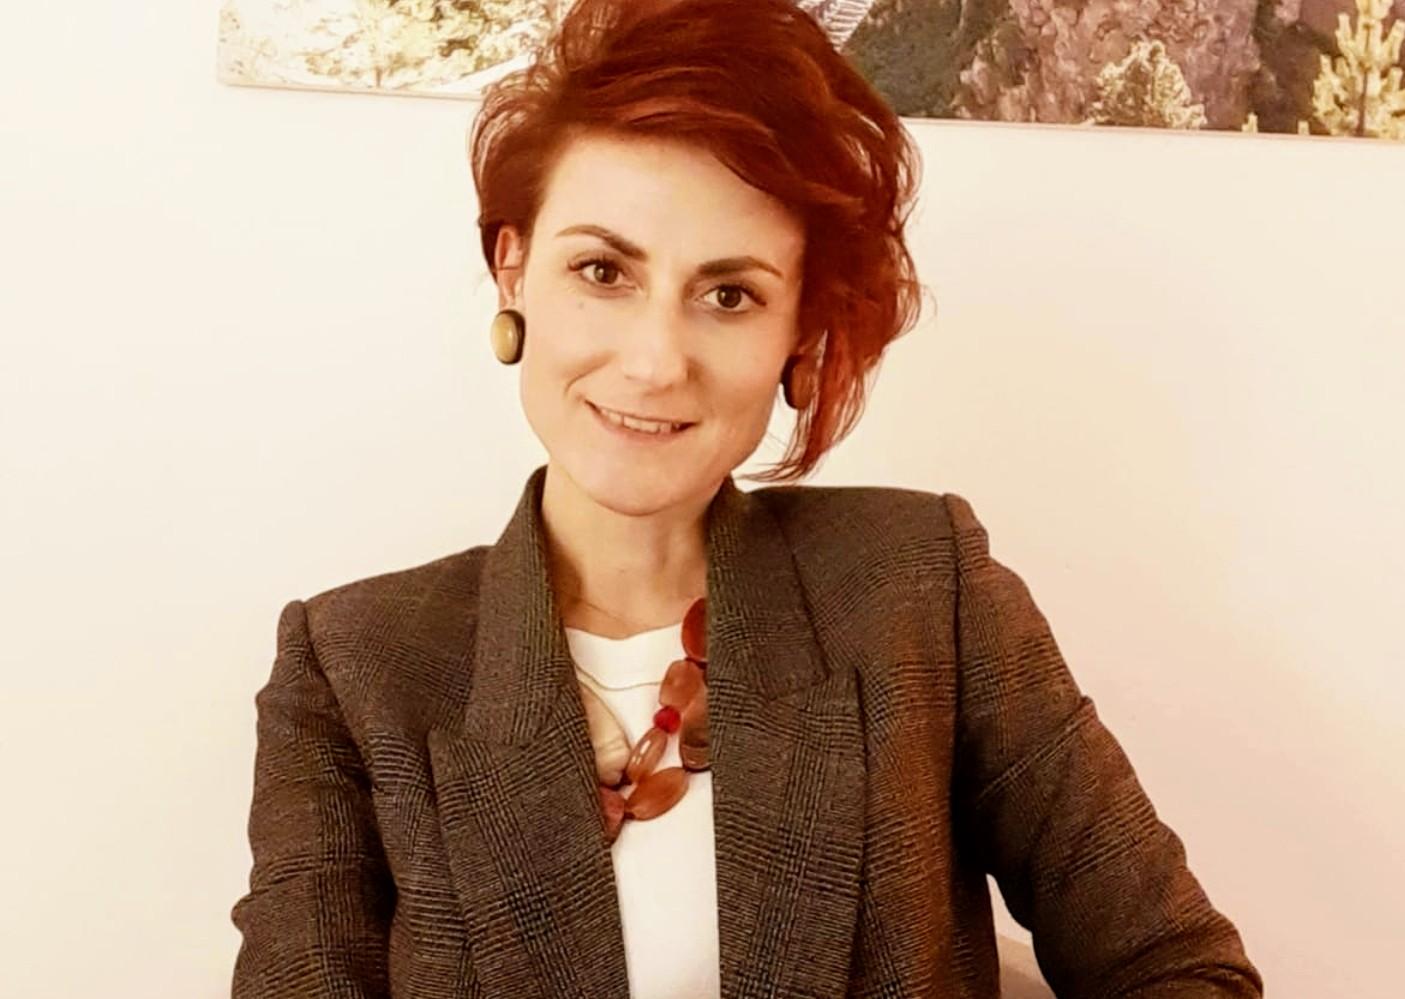 La psicologa e psicoterapeuta Roberta Anselmi